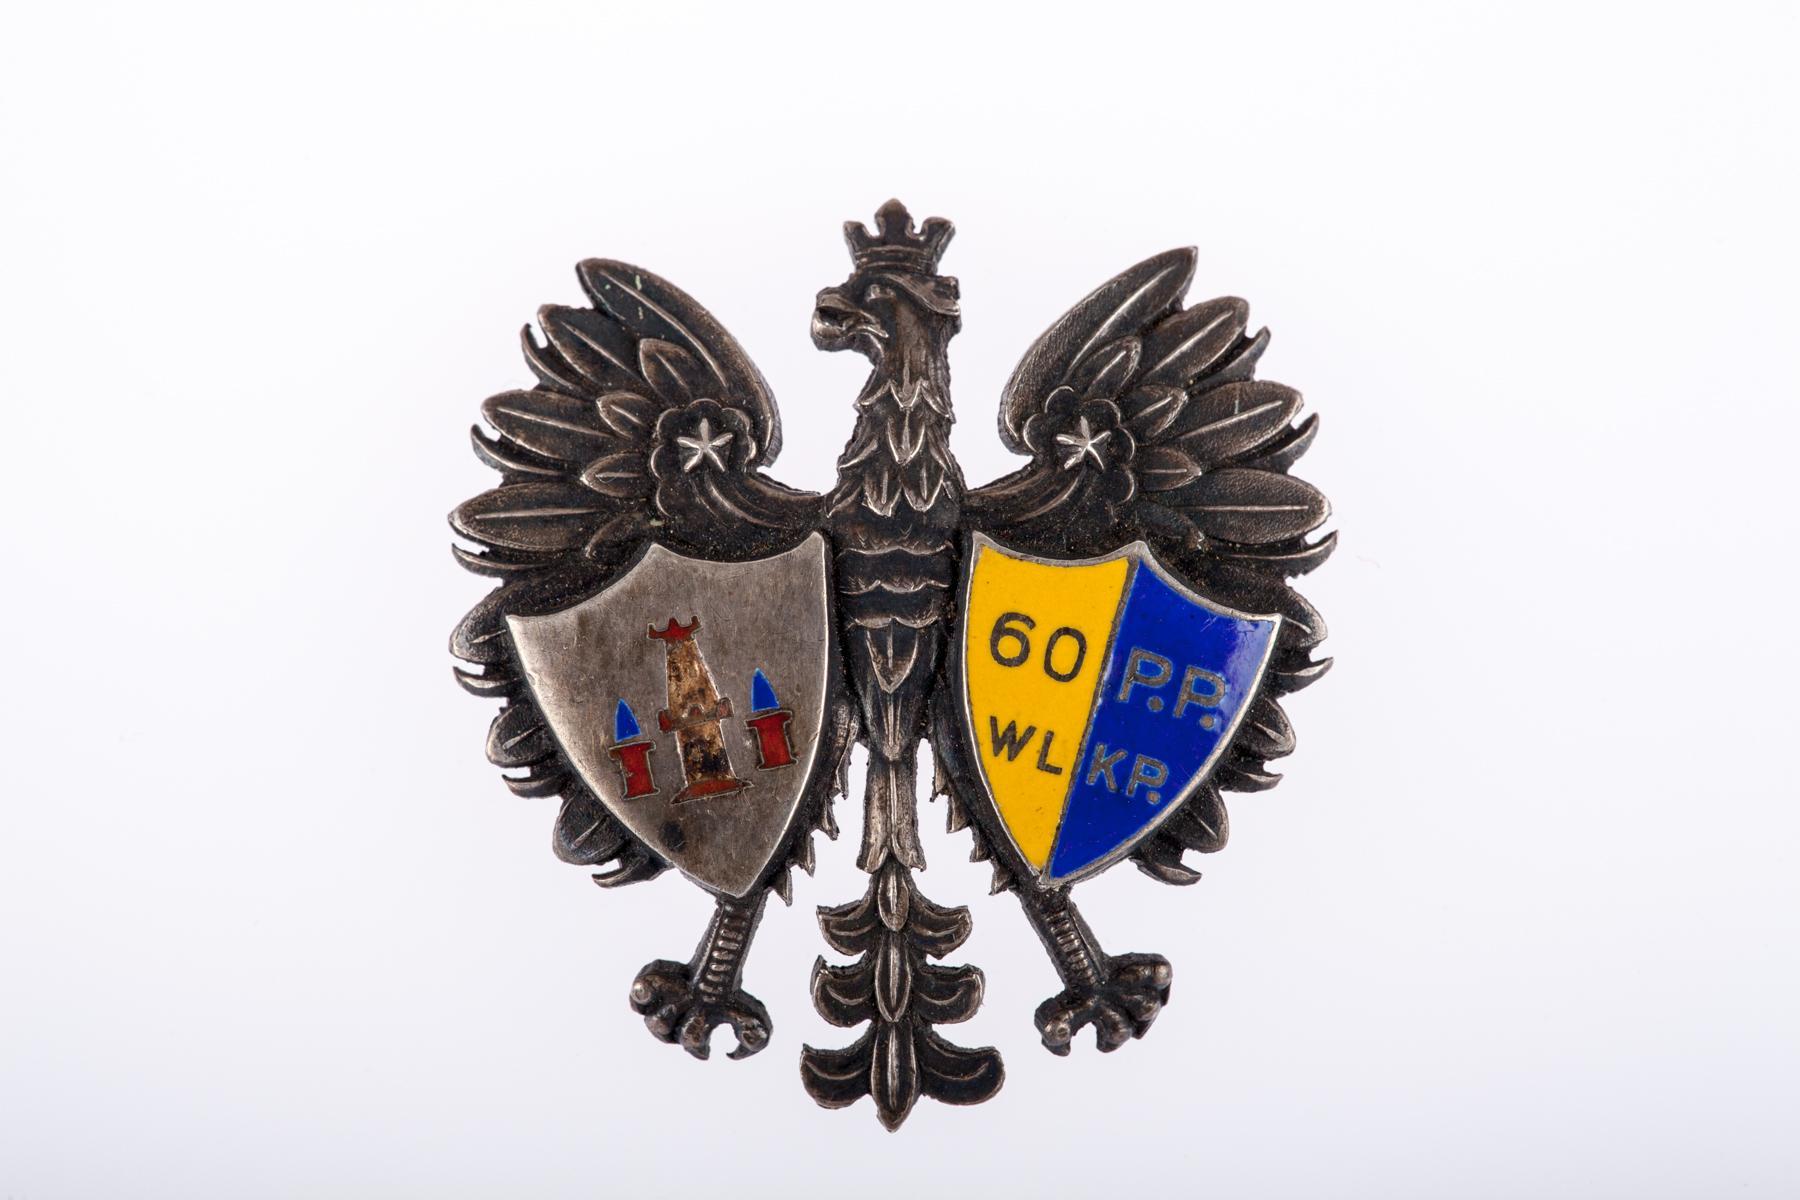 Odznaka 60. Pułku Piechoty Wielkopolskiej